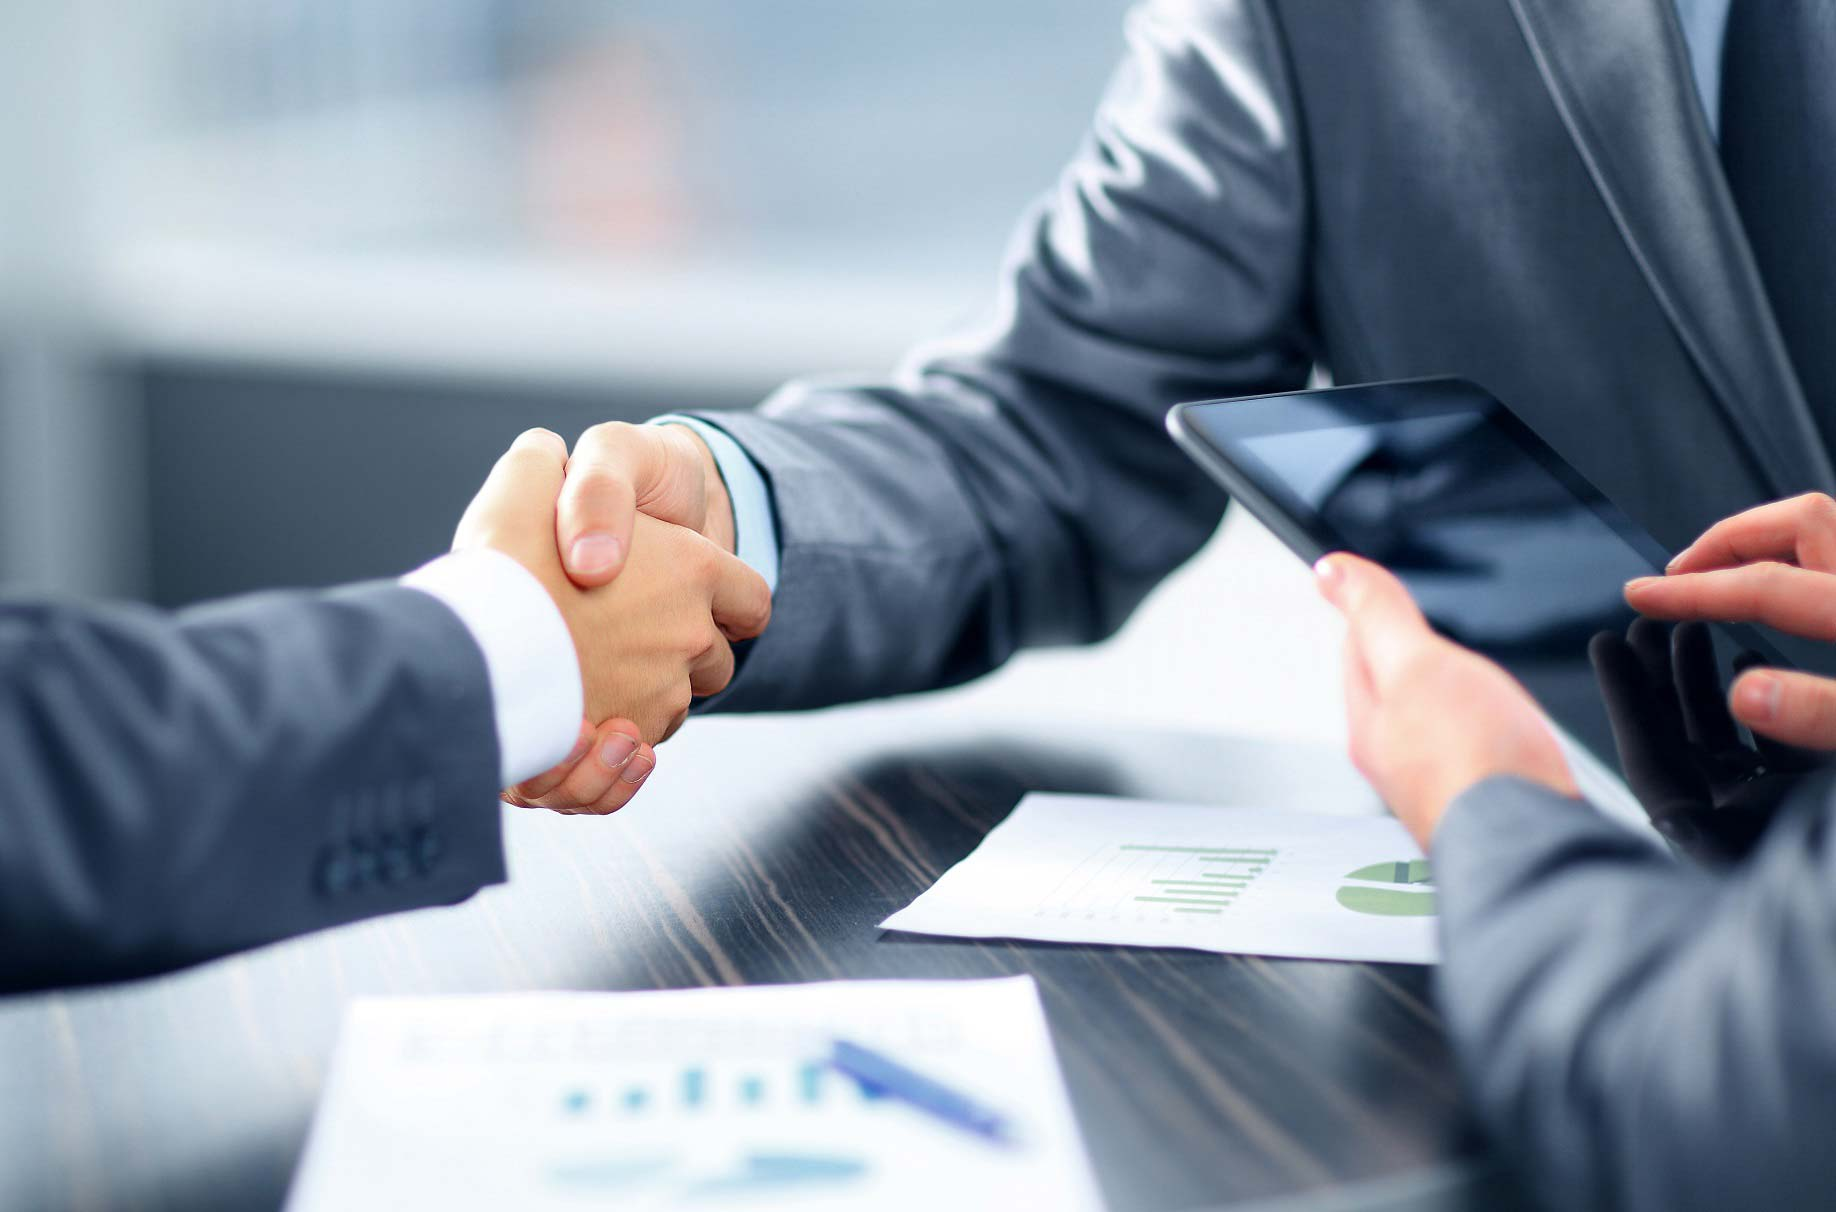 consultoria-consultores-empresa-asturias-formacion-prl-lopd